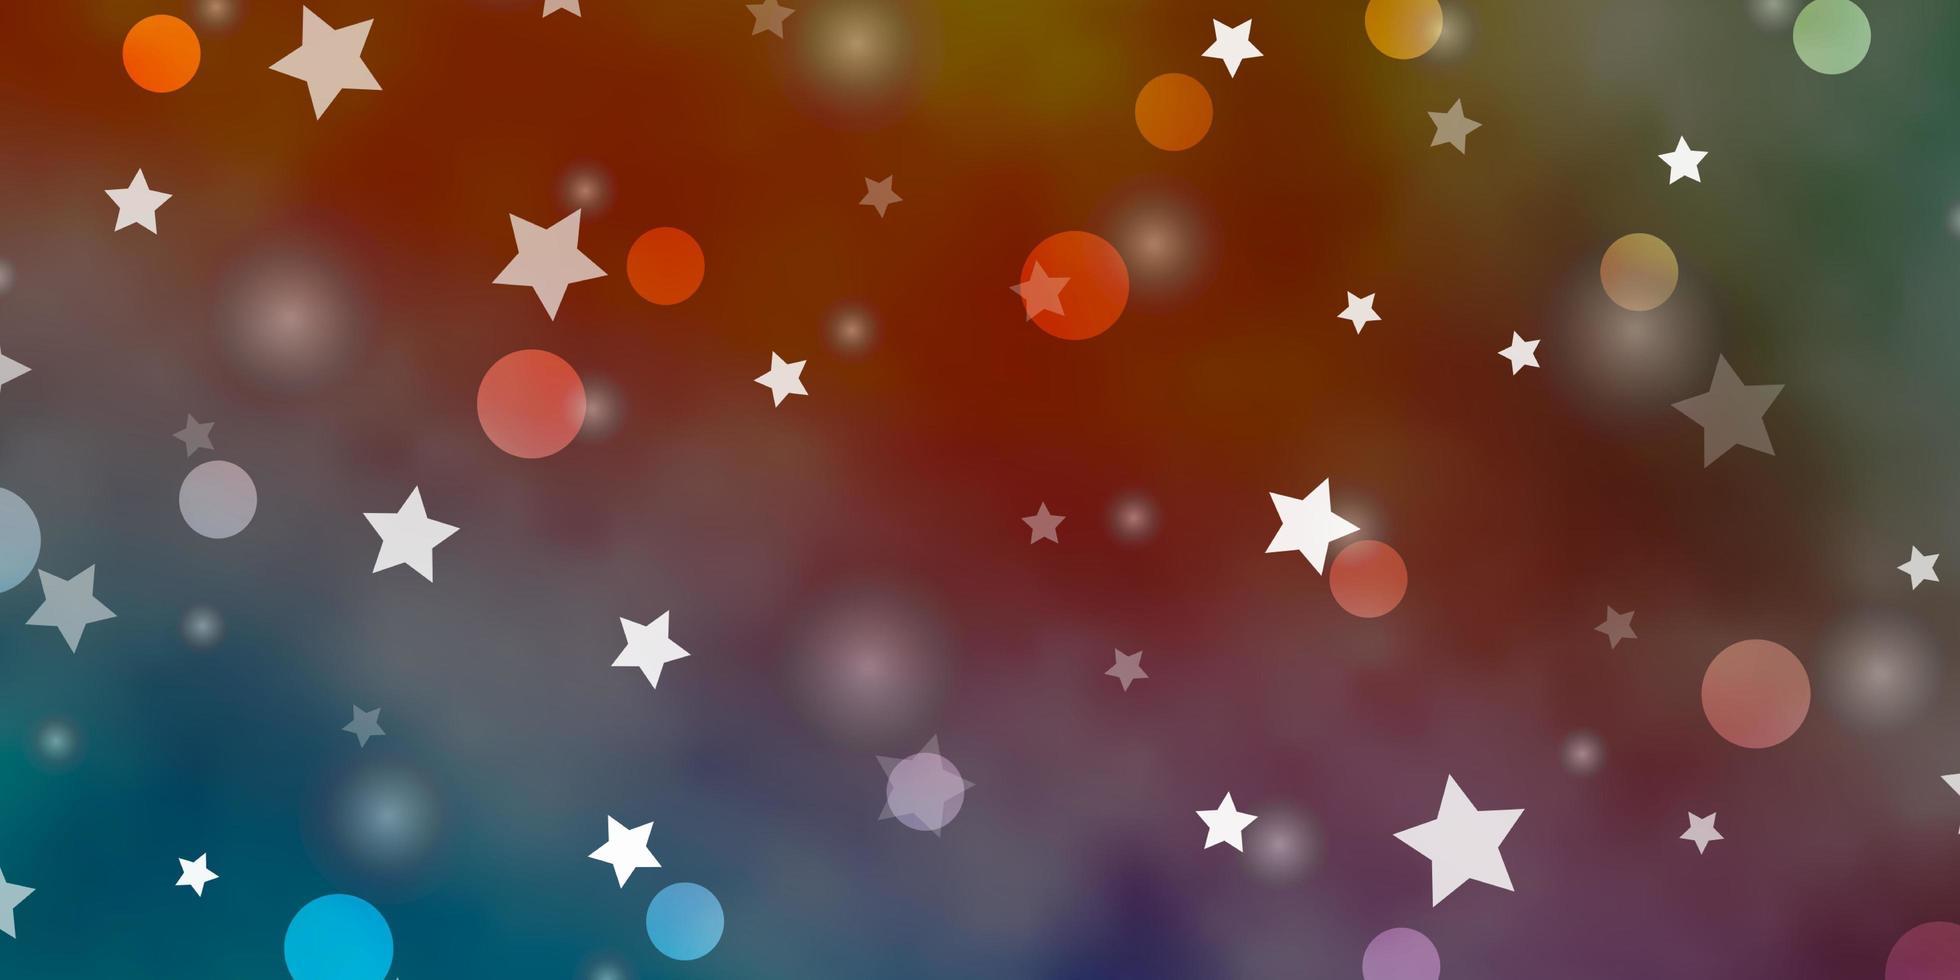 disposition de vecteur bleu clair, jaune avec des cercles, des étoiles.